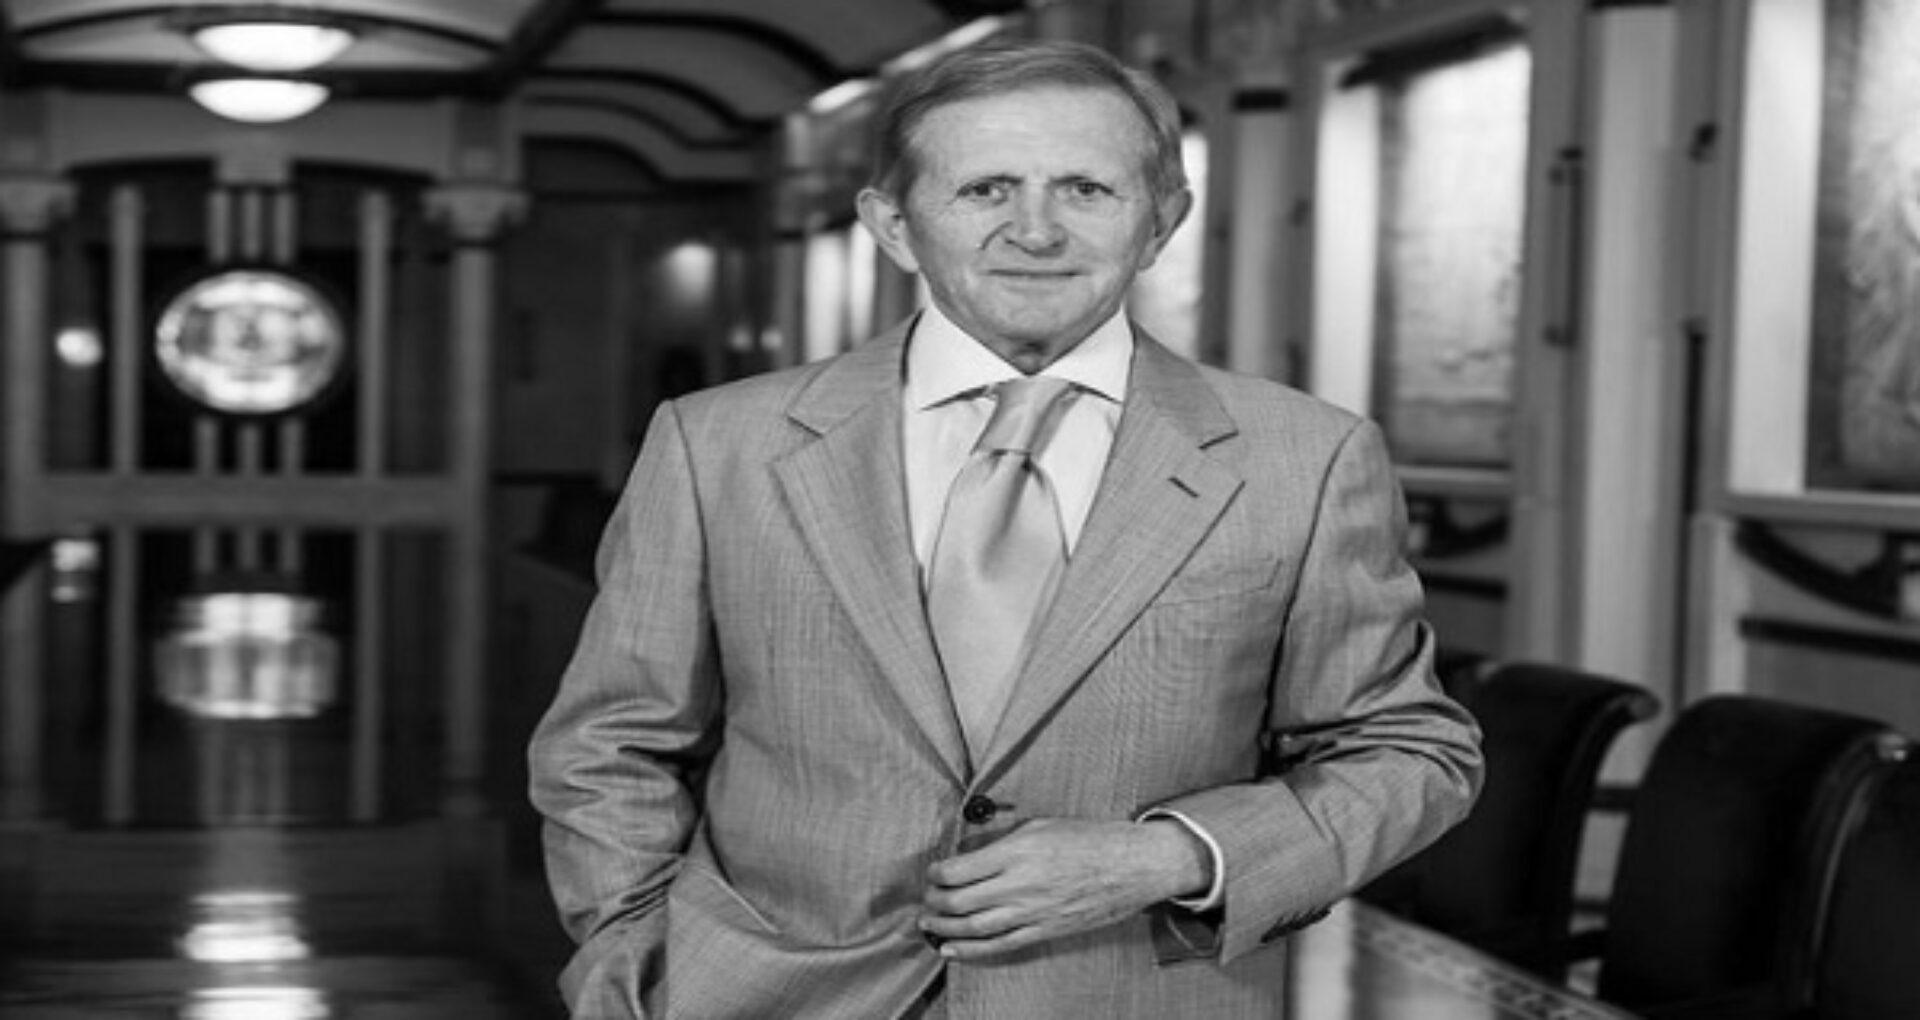 """Fostul director general al Combinatului de vinuri """"Cricova"""" a fost răpus de Covid-19. Mesajul transmis de angajații vinăriei"""